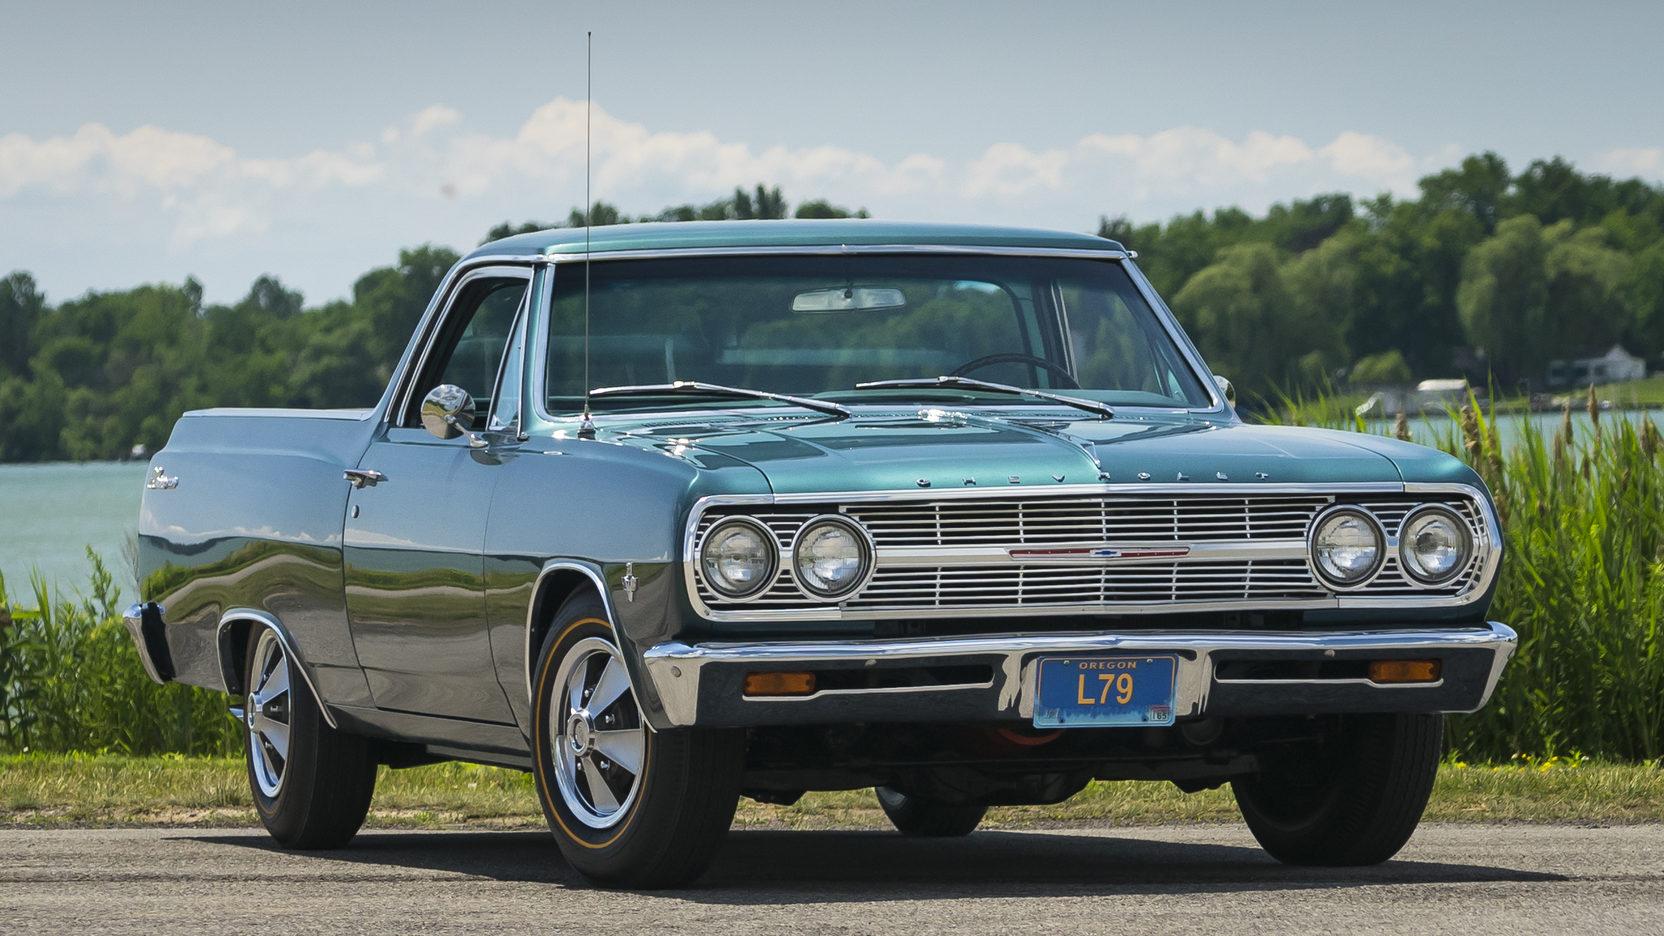 1965 Chevrolet El Camino  3/4 front